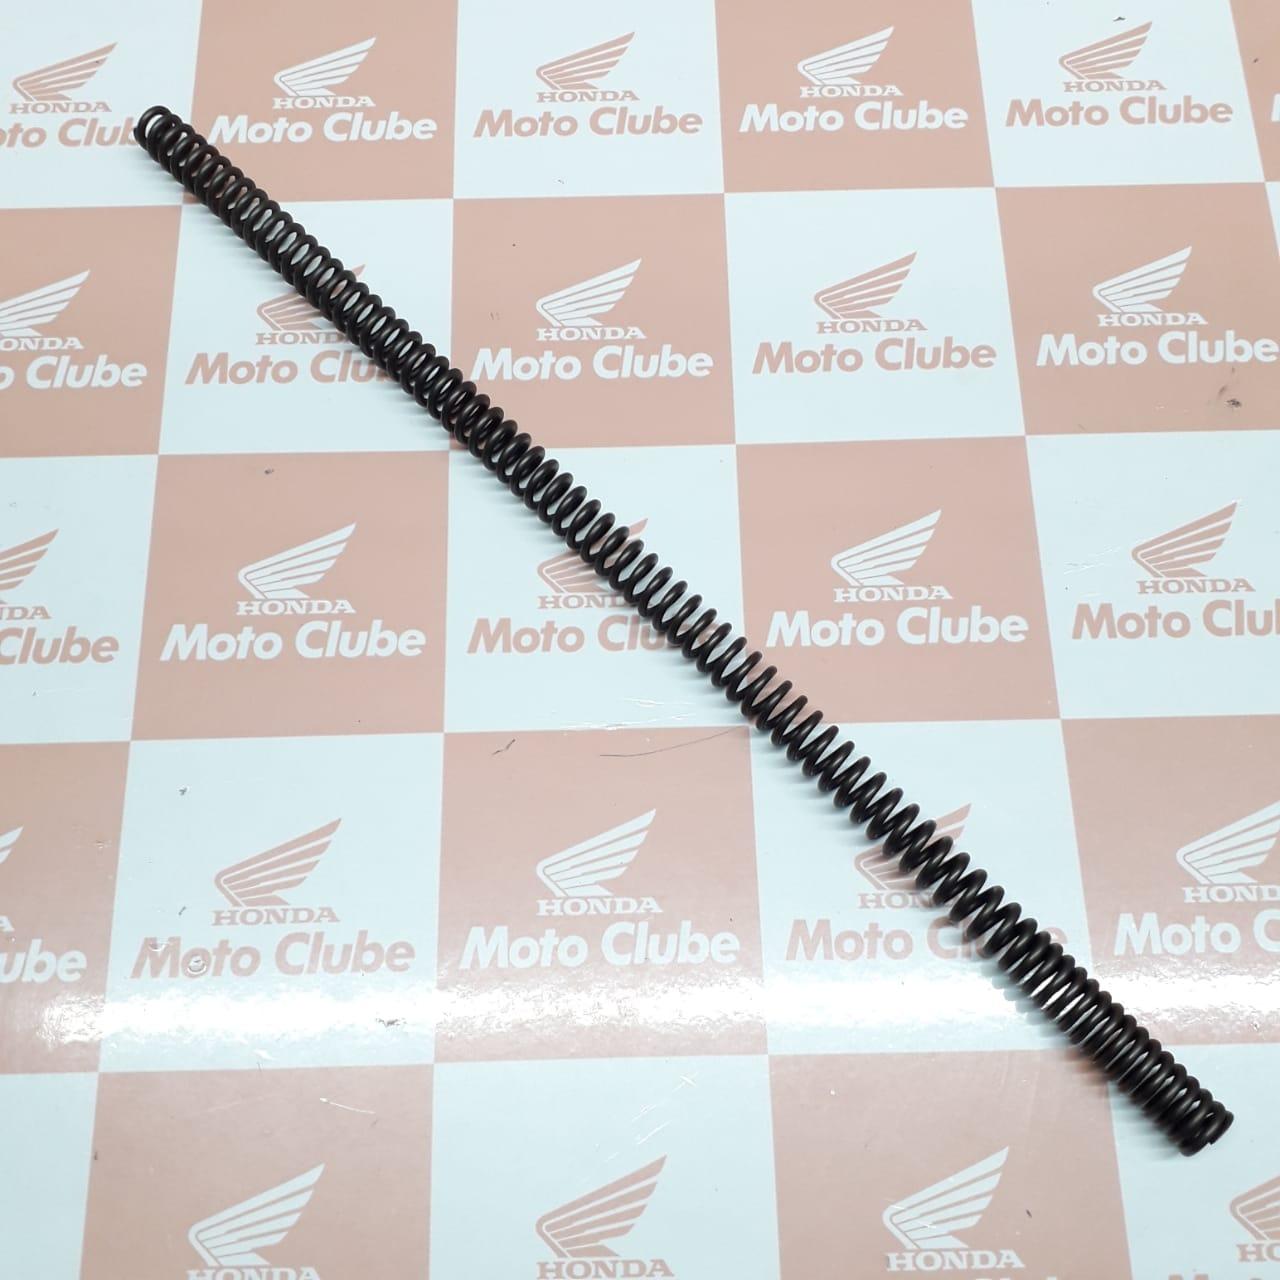 Mola Garfo Dianteiro CG125 Titan/ Cargo Original Honda 51401383722